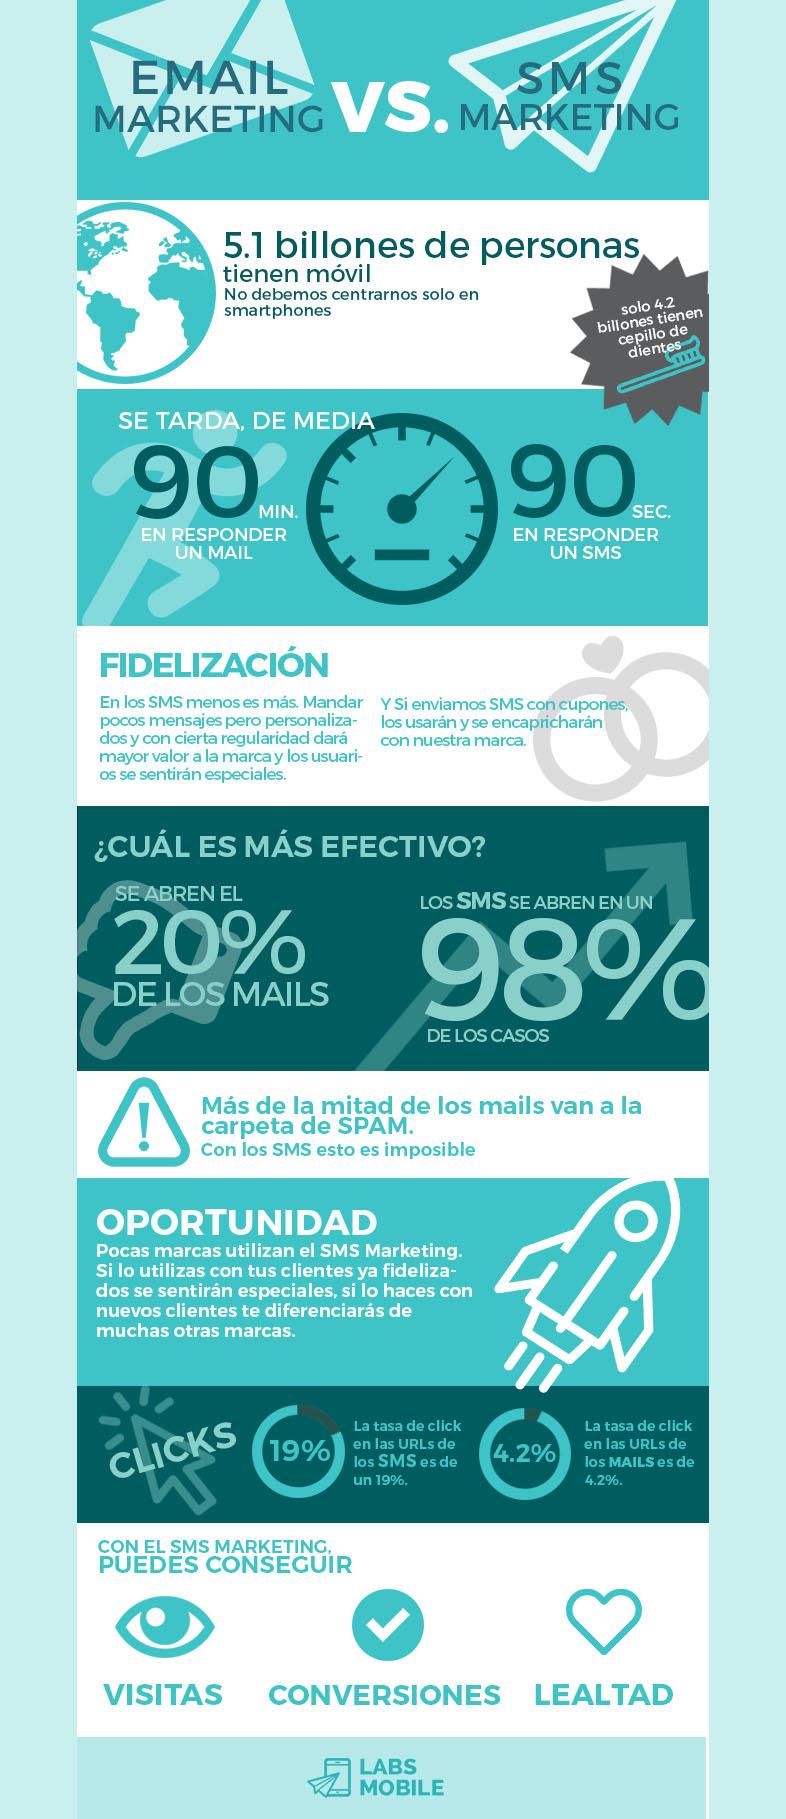 Por qué es tan efectivo el SMS Marketing: infografía